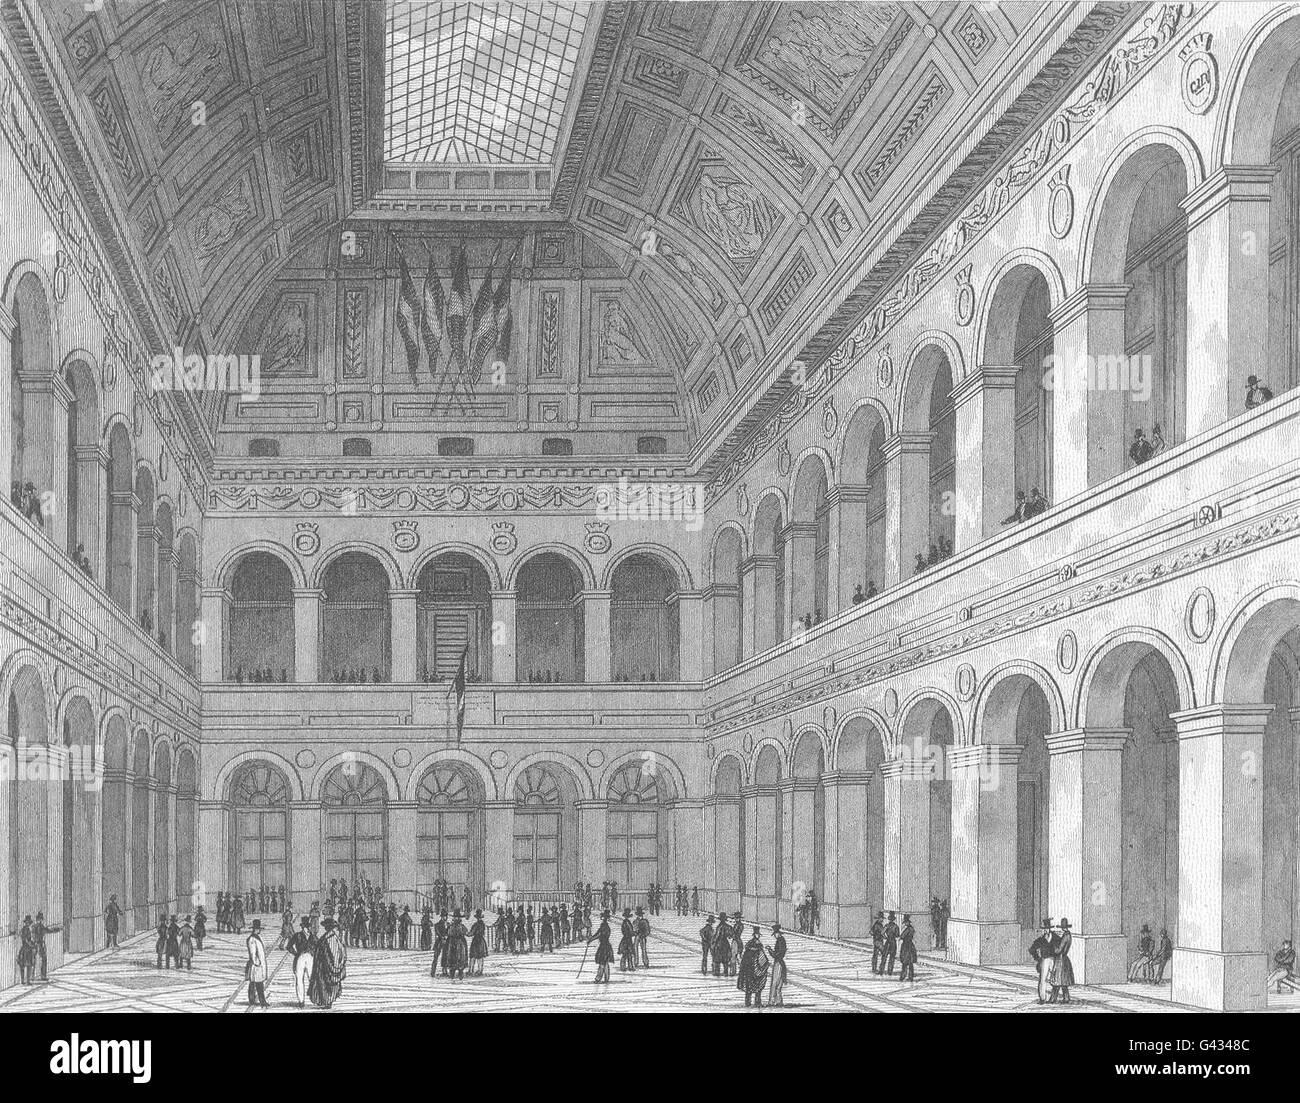 PARIS: Intérieur De La Bourse, antique print 1831 Stockbild